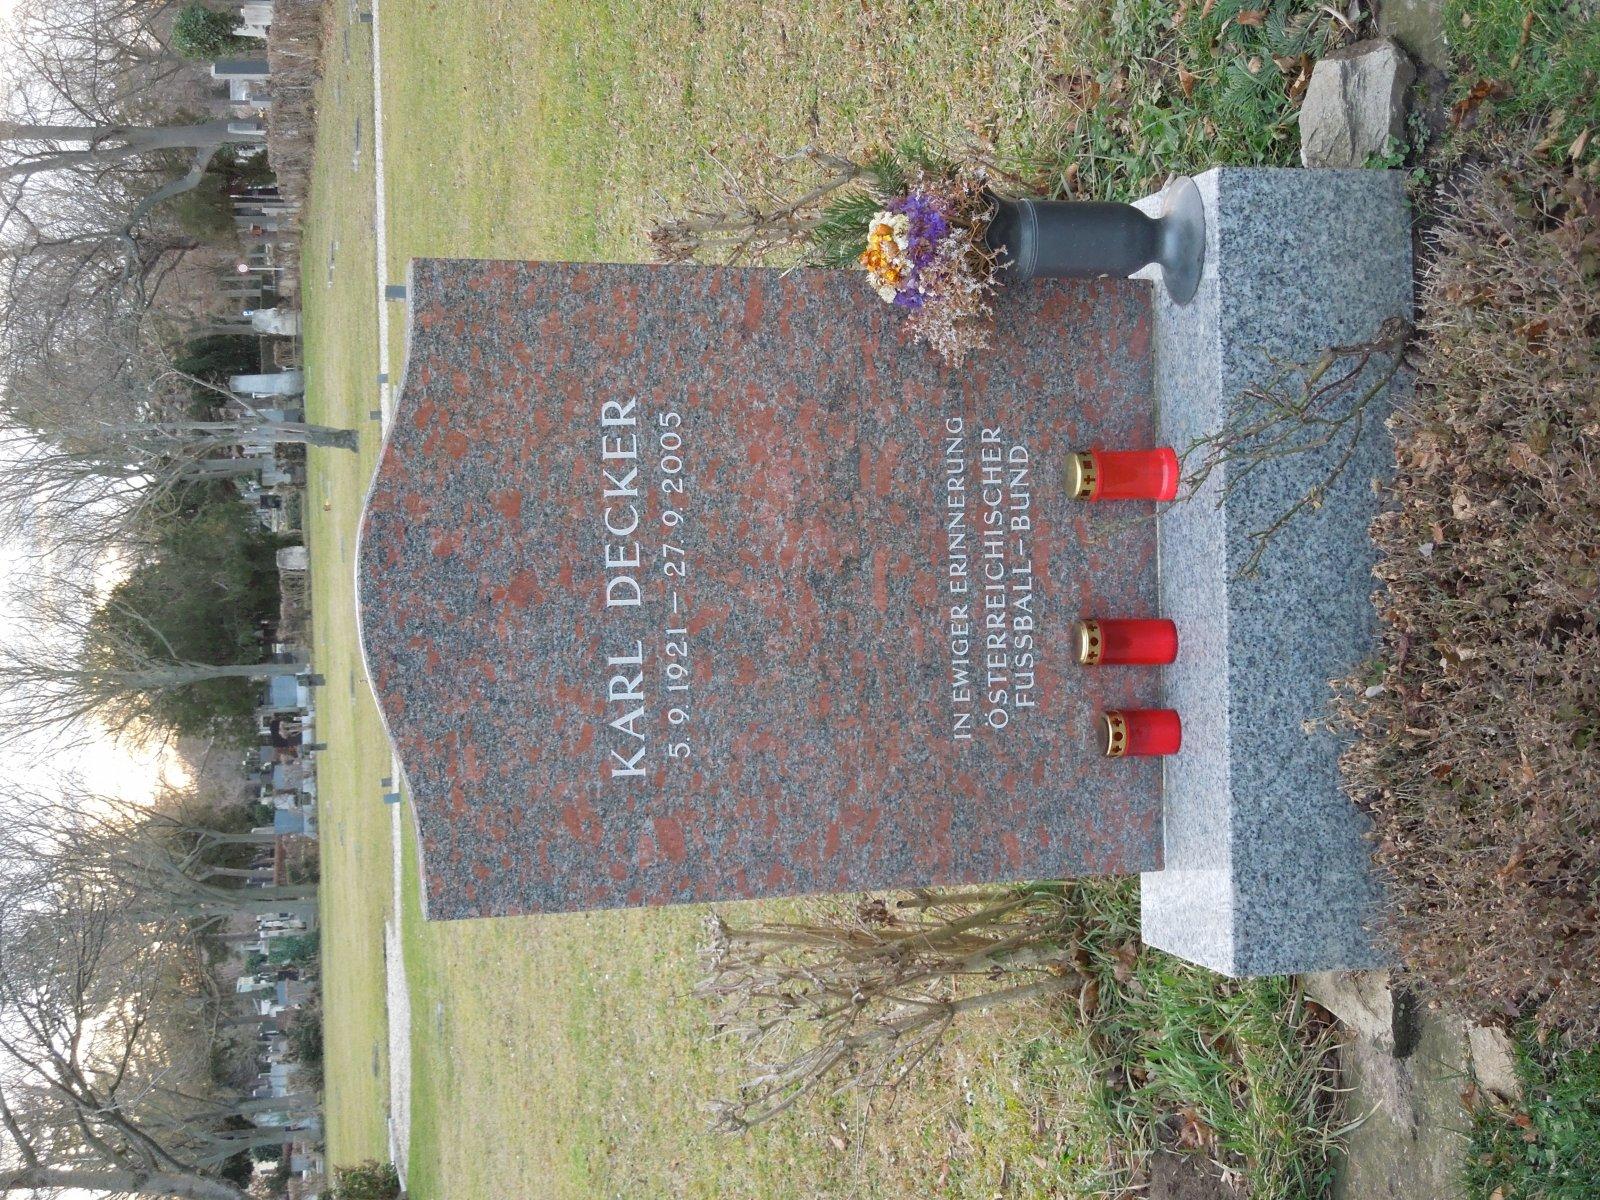 Karl decker - Ehrengrab Zentral FH